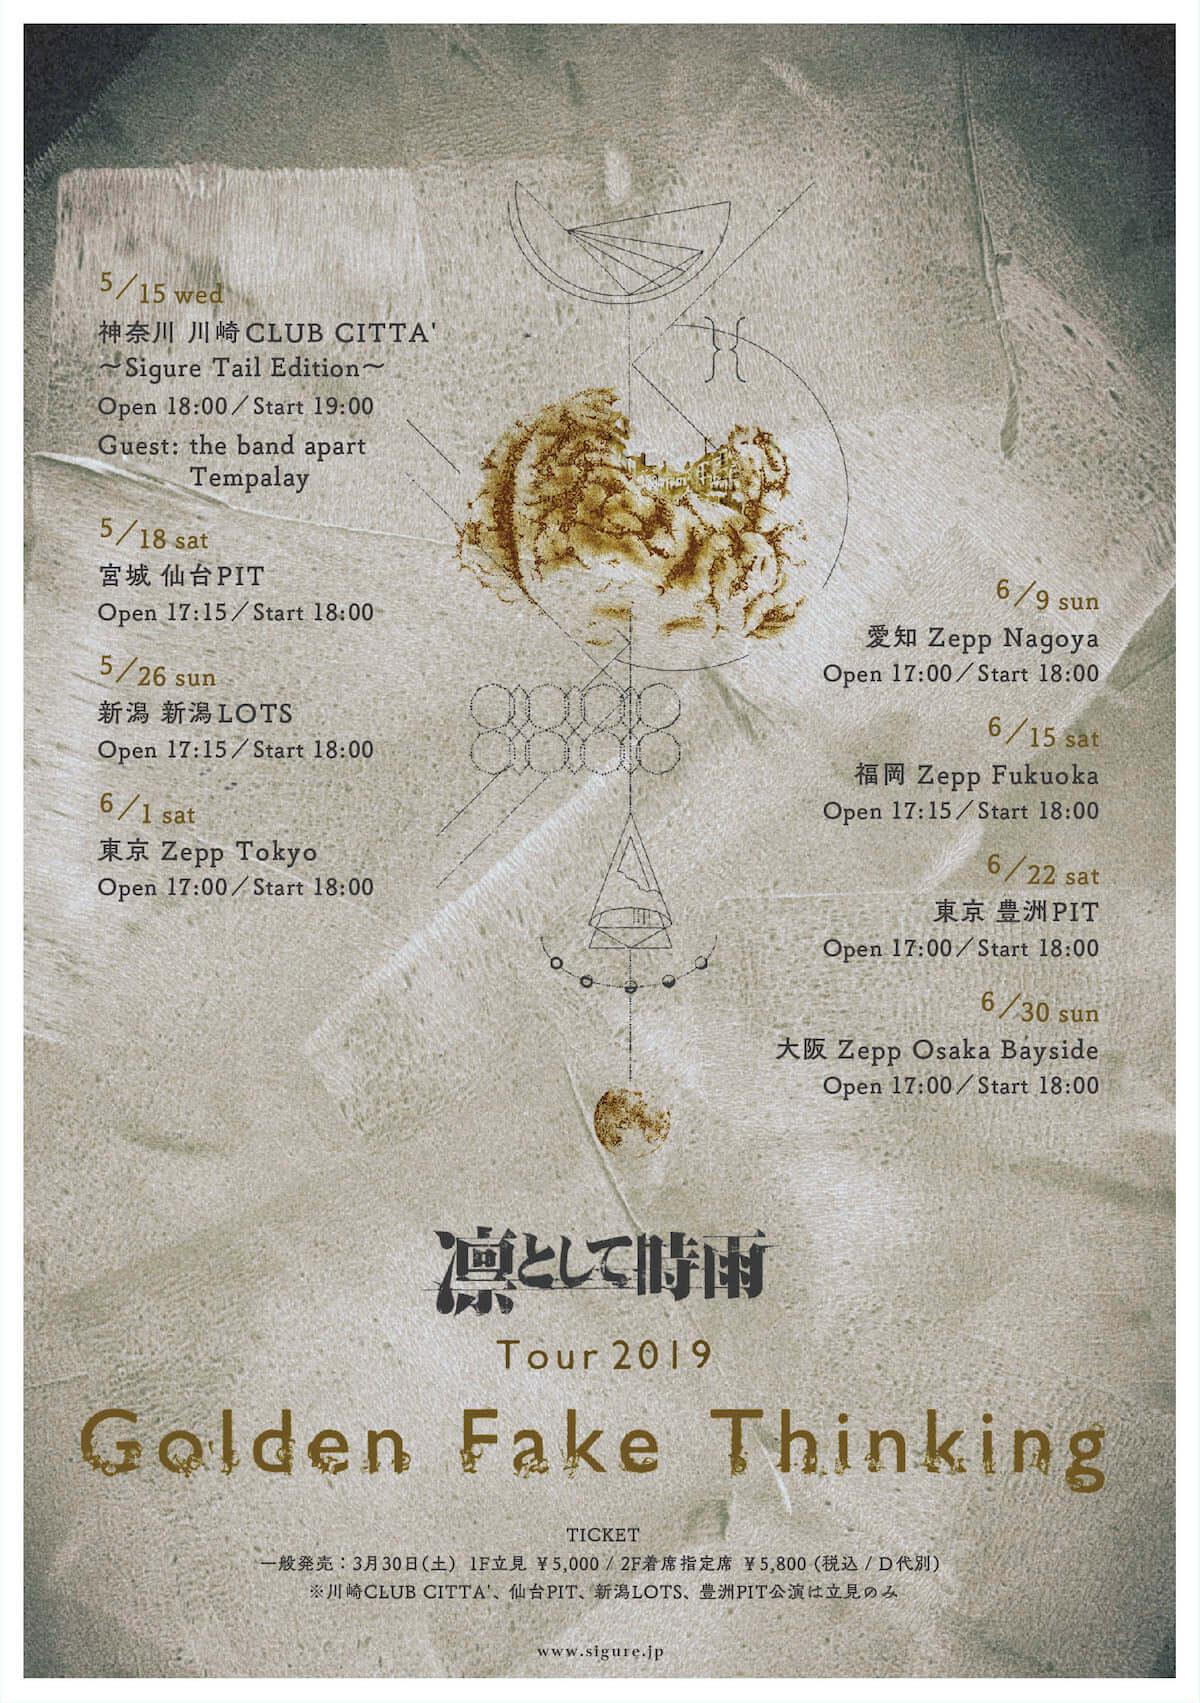 凛として時雨、全国ツアー<Tour 2019 Golden Fake Thinking>追加公演が決定!the band apartとTempalayが出演 music190311_rintoshiteshigure_3-1200x1703